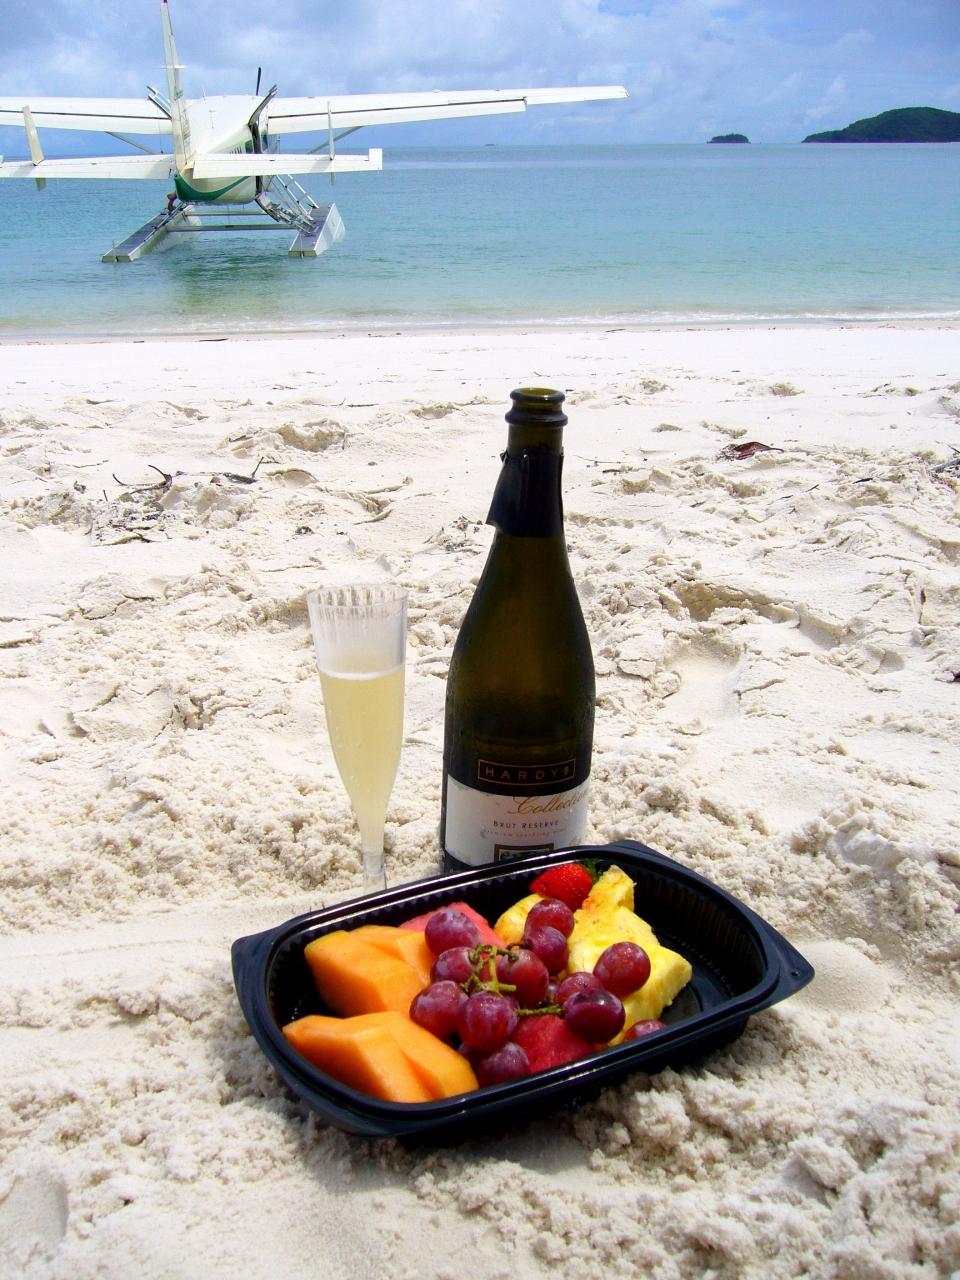 オーストラリア/真夏のハミルトン島へ逃避...